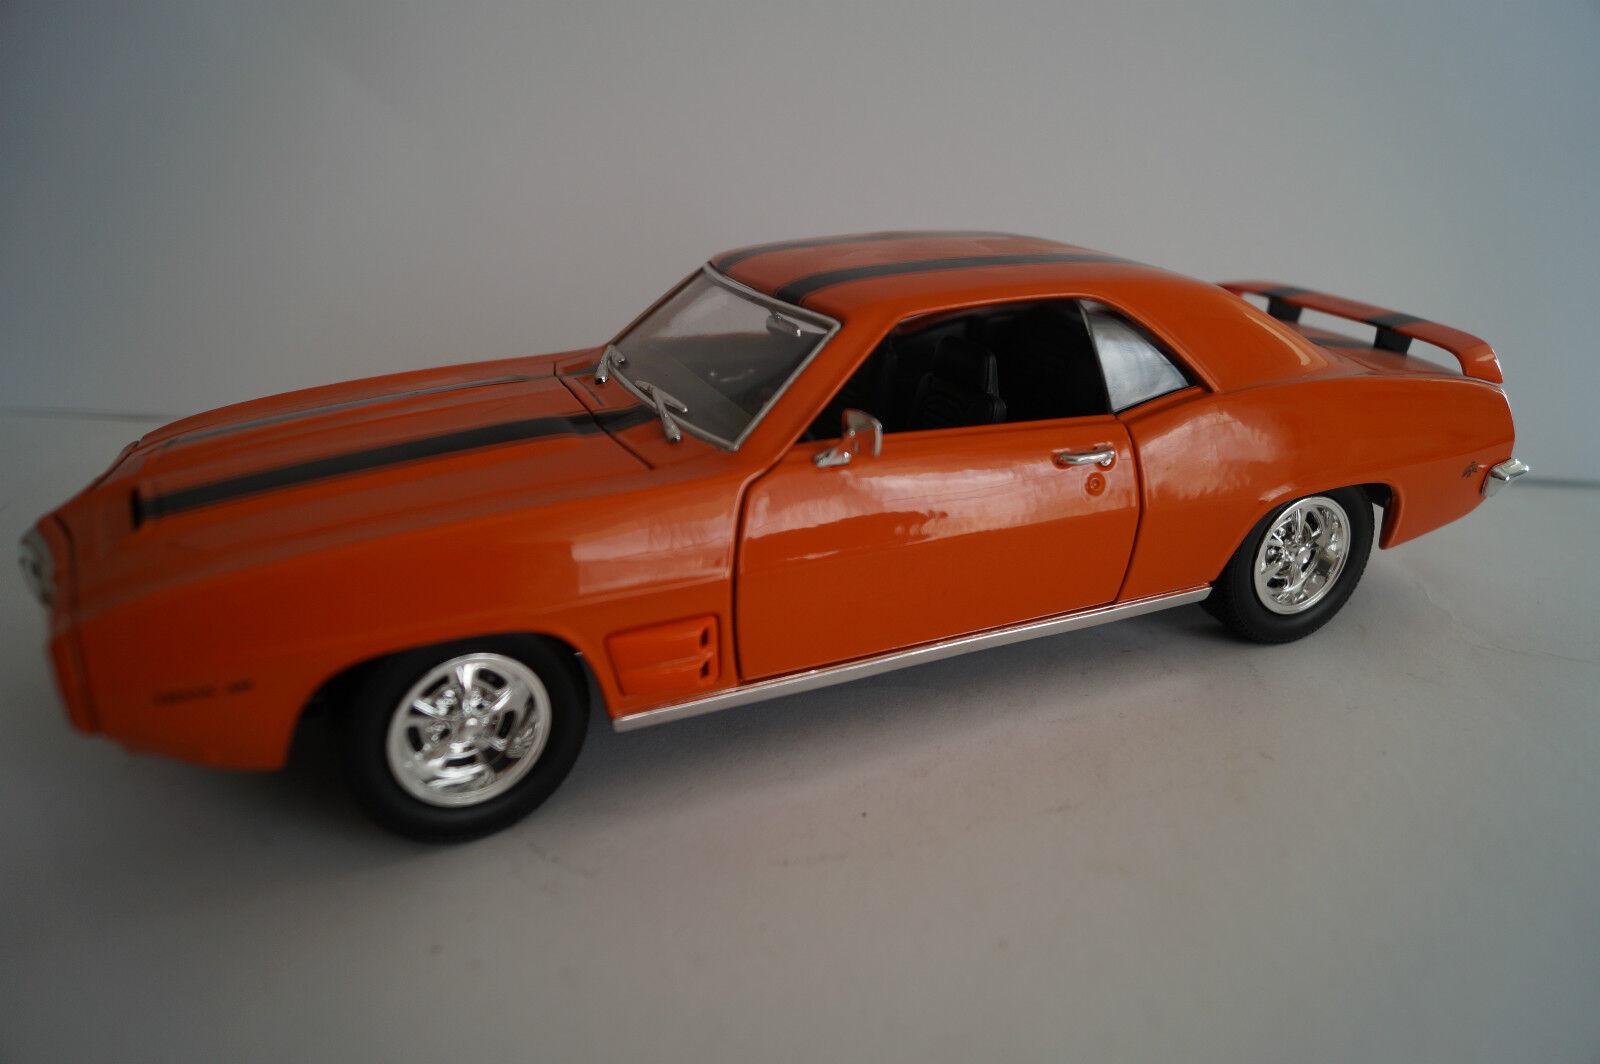 Road signature voiture miniature 1  18 1969 pontiac firebird  le moins cher